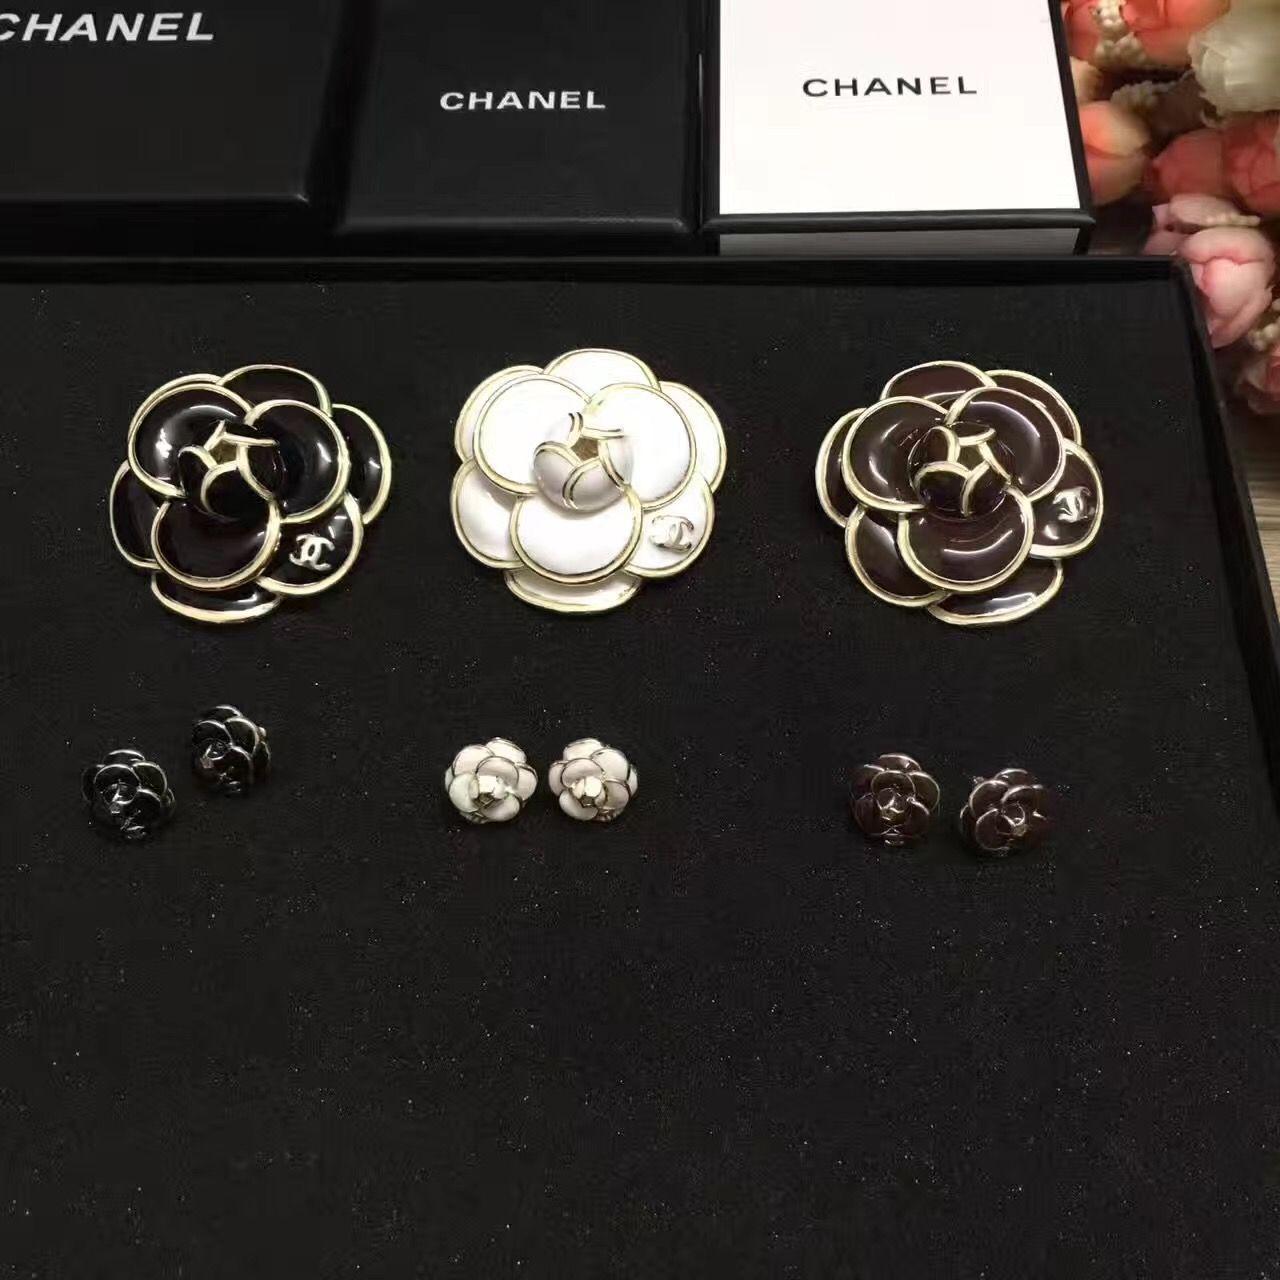 Chanel Camellia Flower Brooch Earrings Chanel Flower Chanel Camellia Chanel Camellia Flower